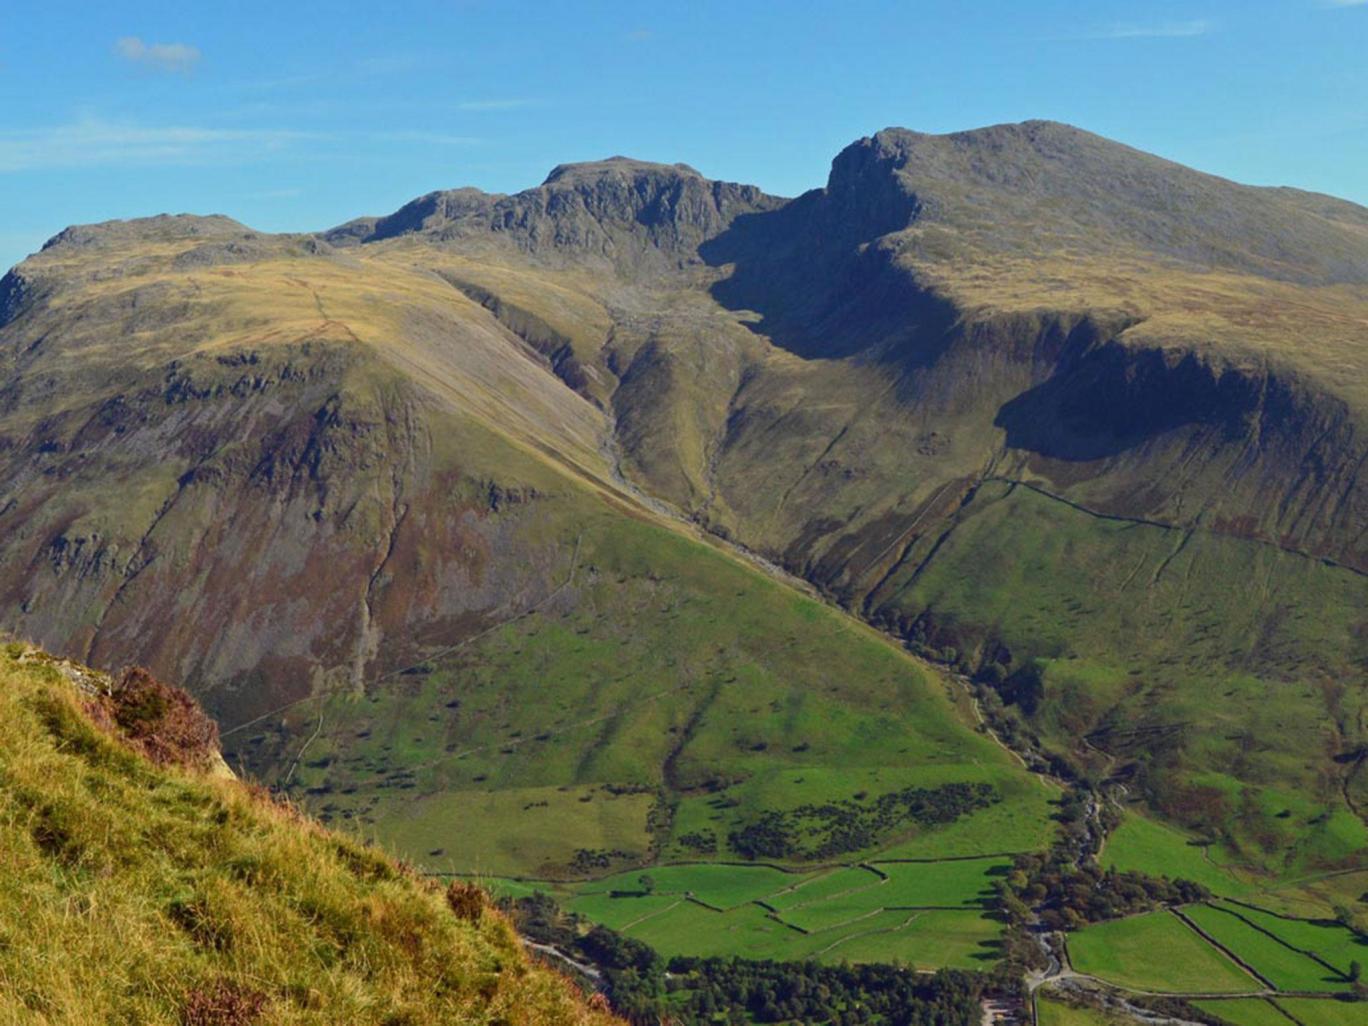 Զբոսաշրջիկների խումբը մնացել է Անգլիայի ամենաբարձր լեռան վրա....